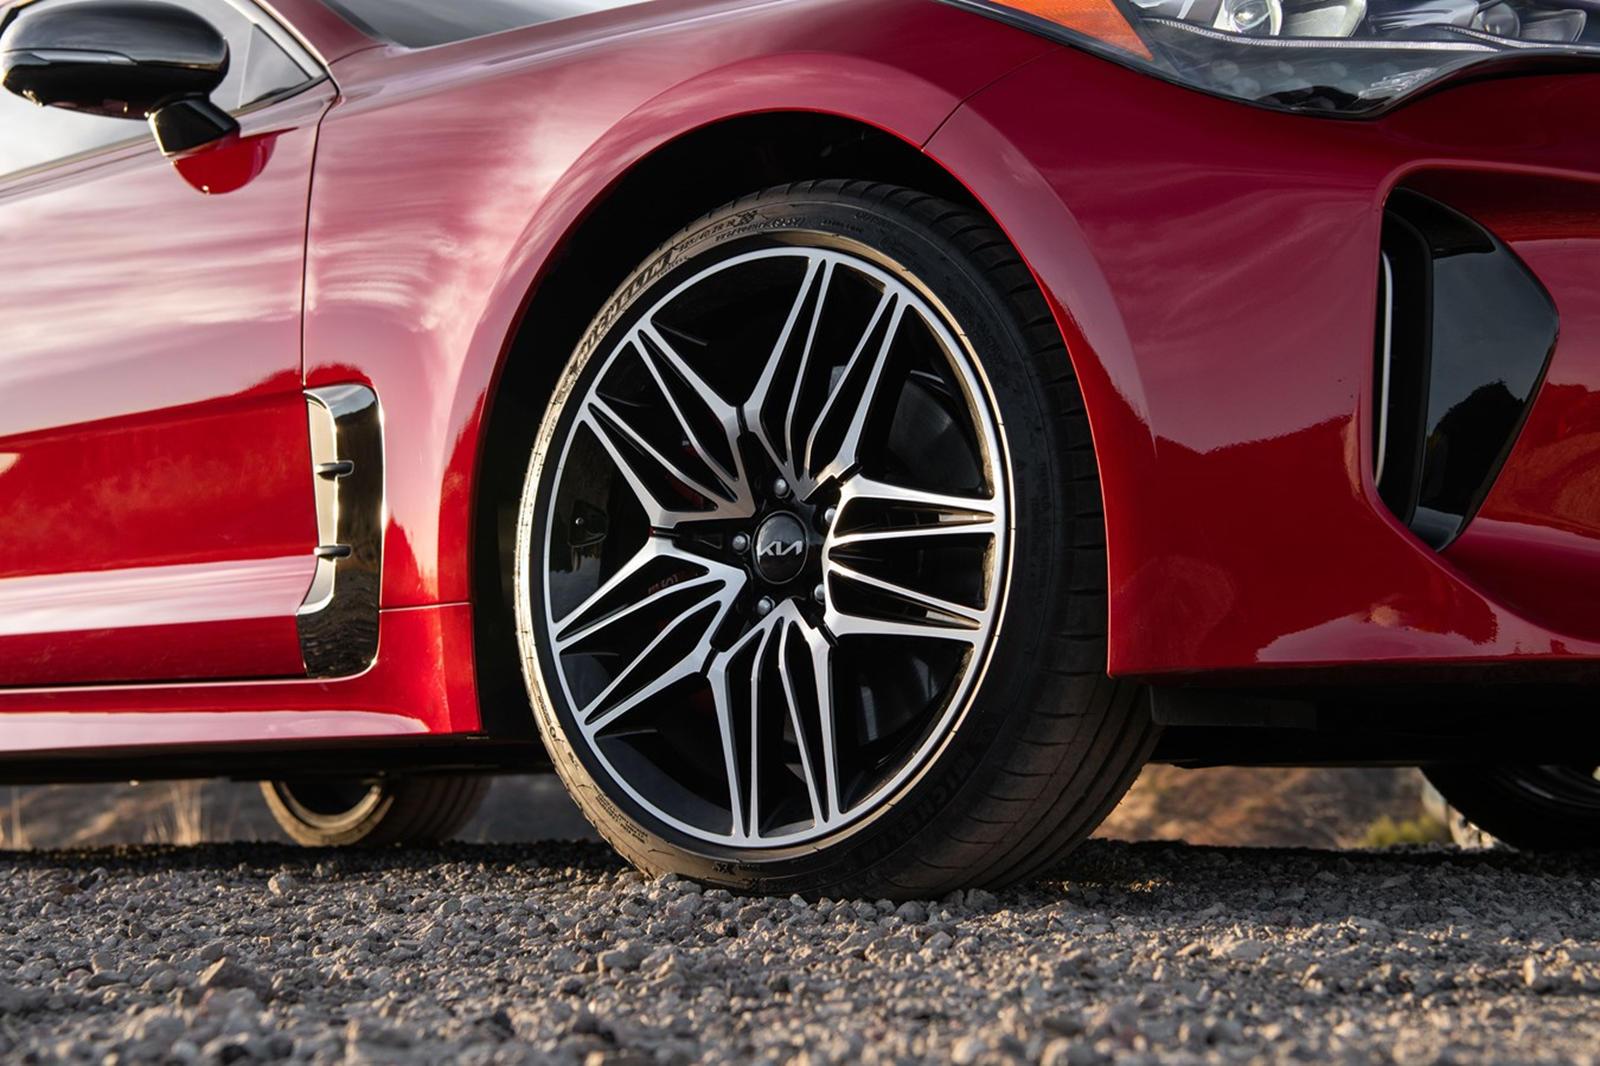 «Stinger коренным образом изменил отношение потребителей к бренду Kia», - сказал Шон Юн, президент и генеральный директор Kia North America. «Этот последний рейтинг Top Safety Pick Plus от IIHS подтверждает неустанное стремление Kia к совершенствован